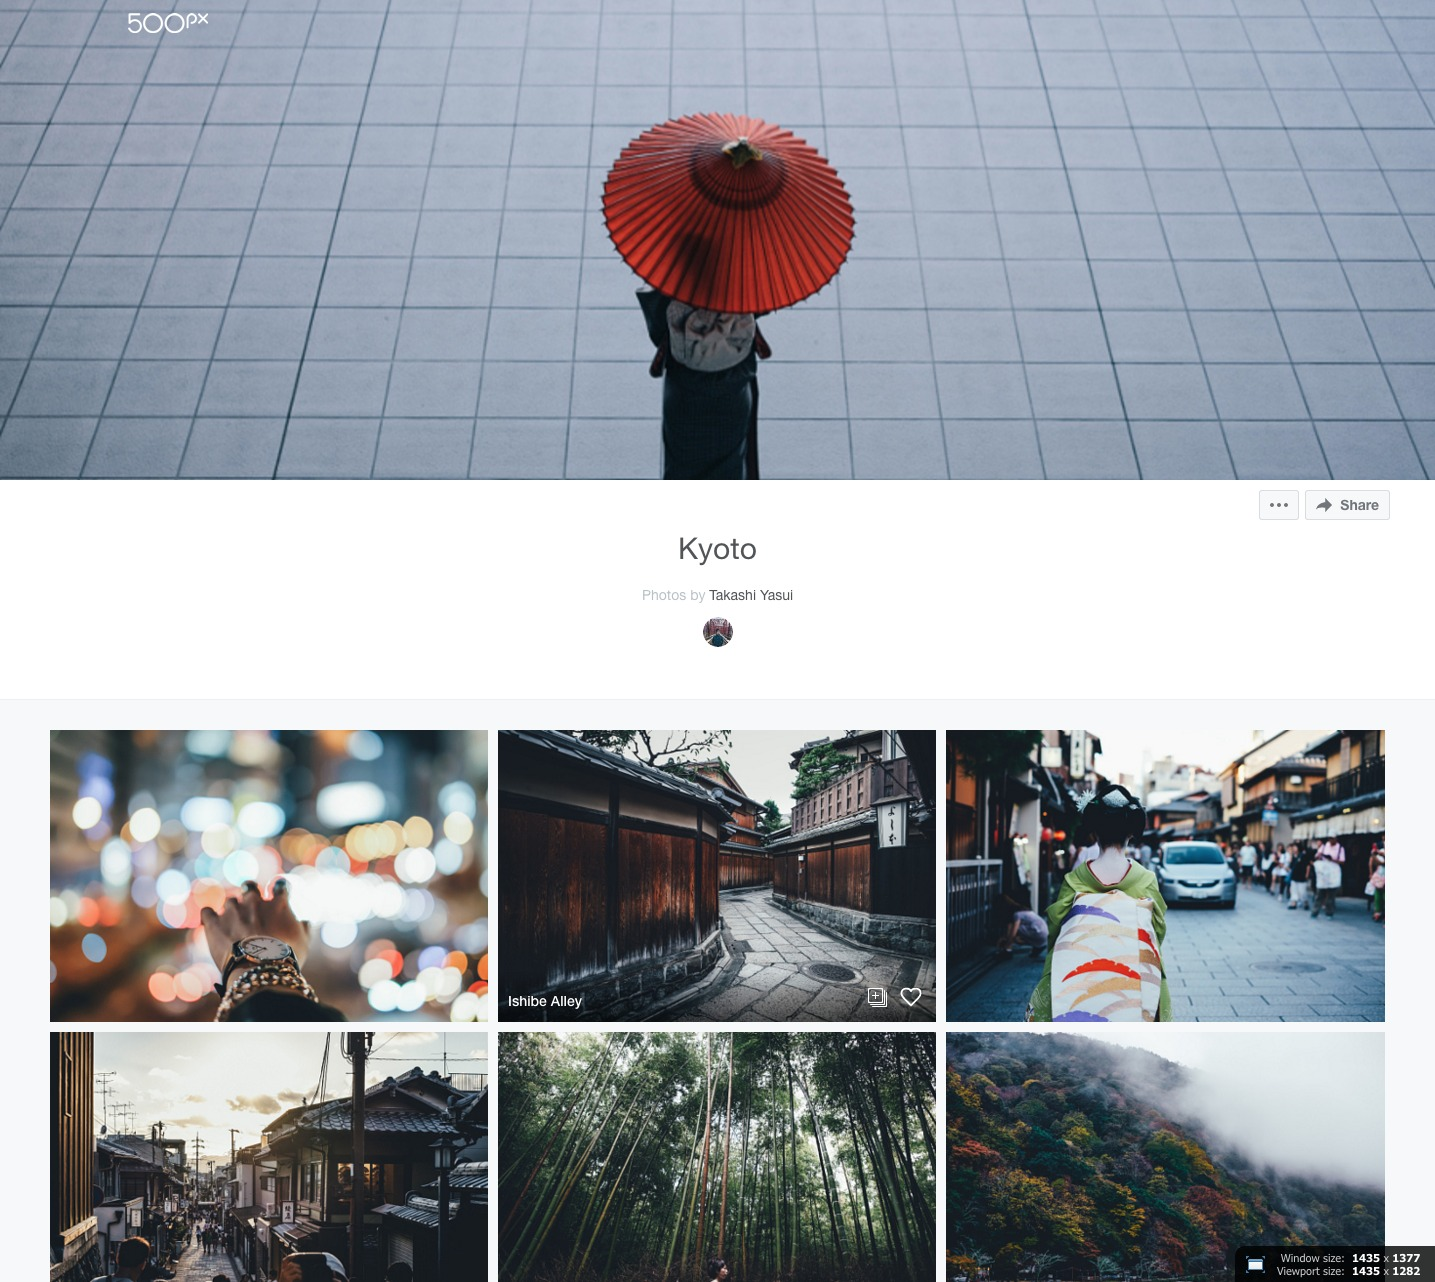 Kyoto Takashi Yasui 500px